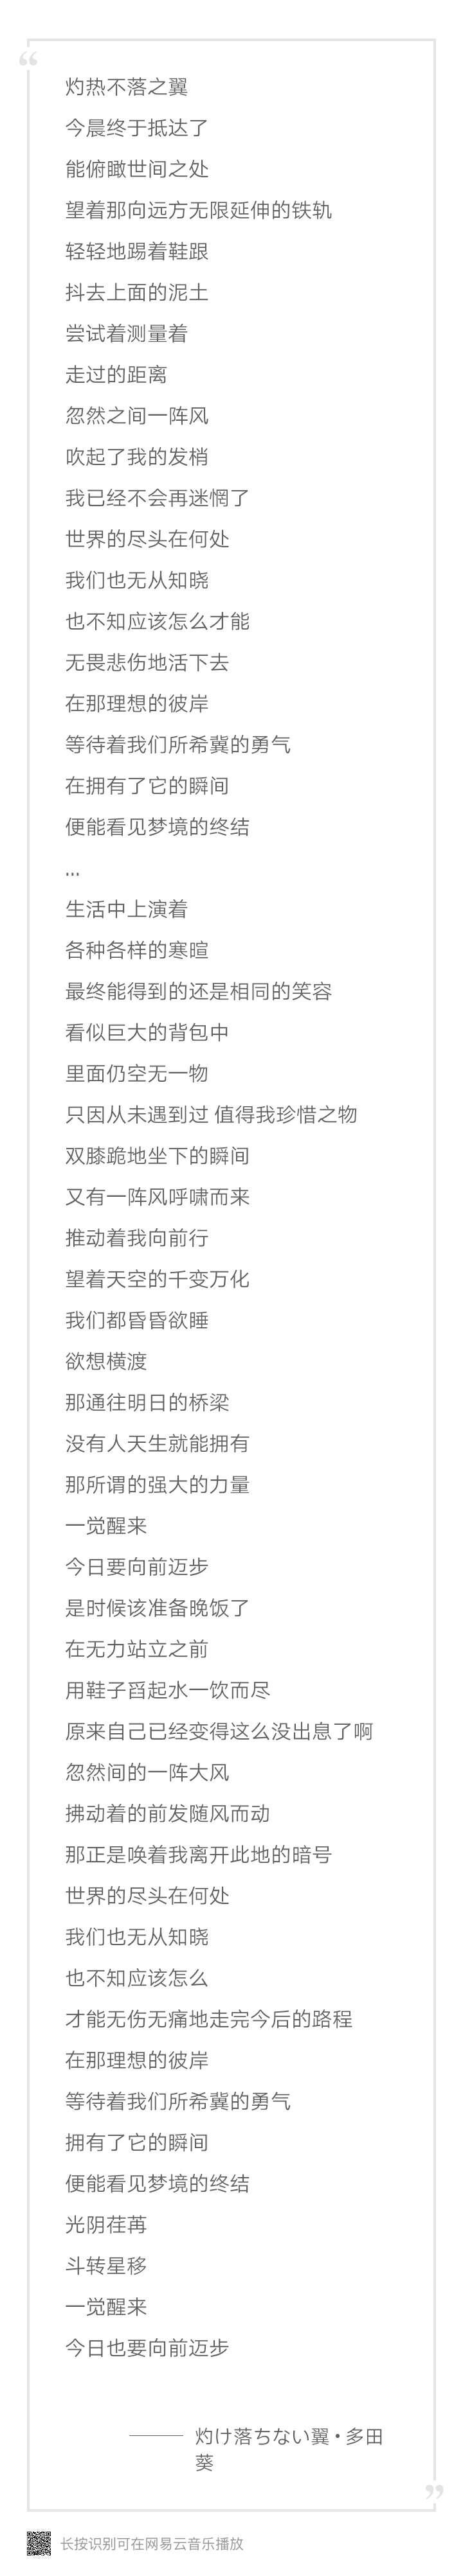 【音乐推荐】灼け落ちない翼 选自动漫夏洛特